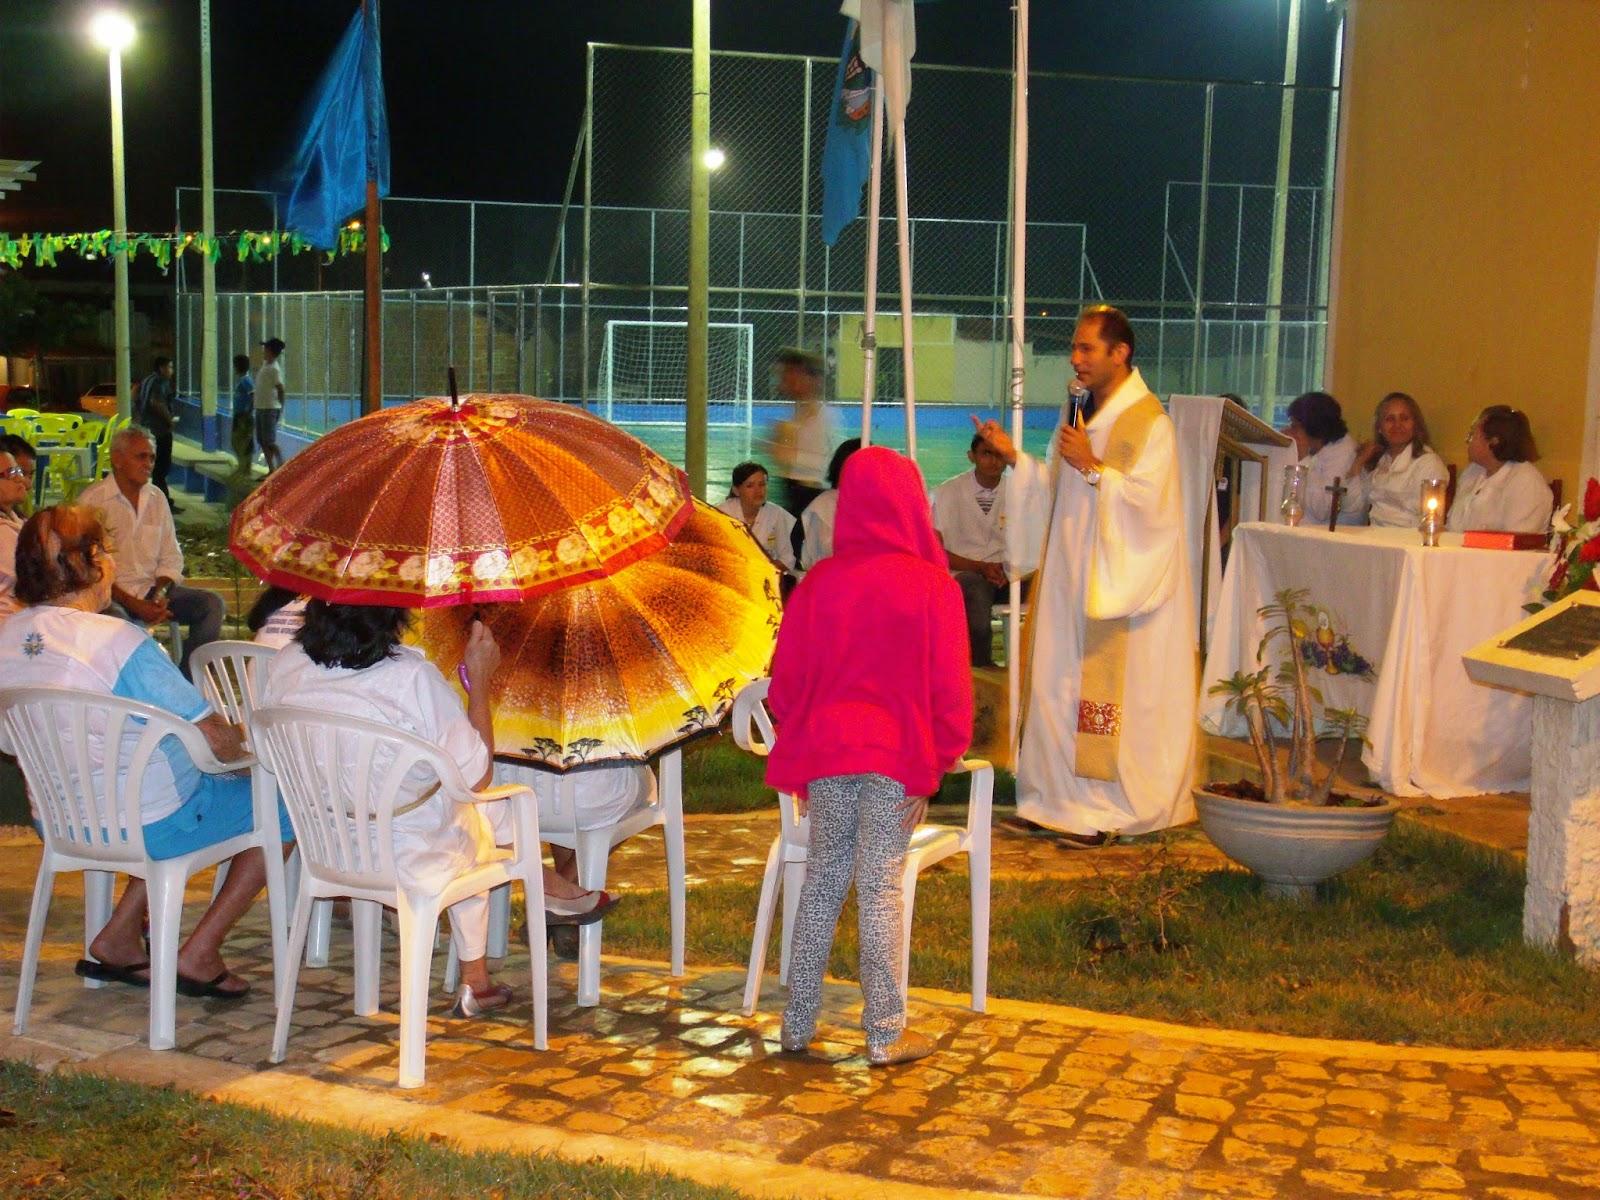 Missa de encerramento da festa em honra a Nossa Senhora do Perpétuo Socorro 2014